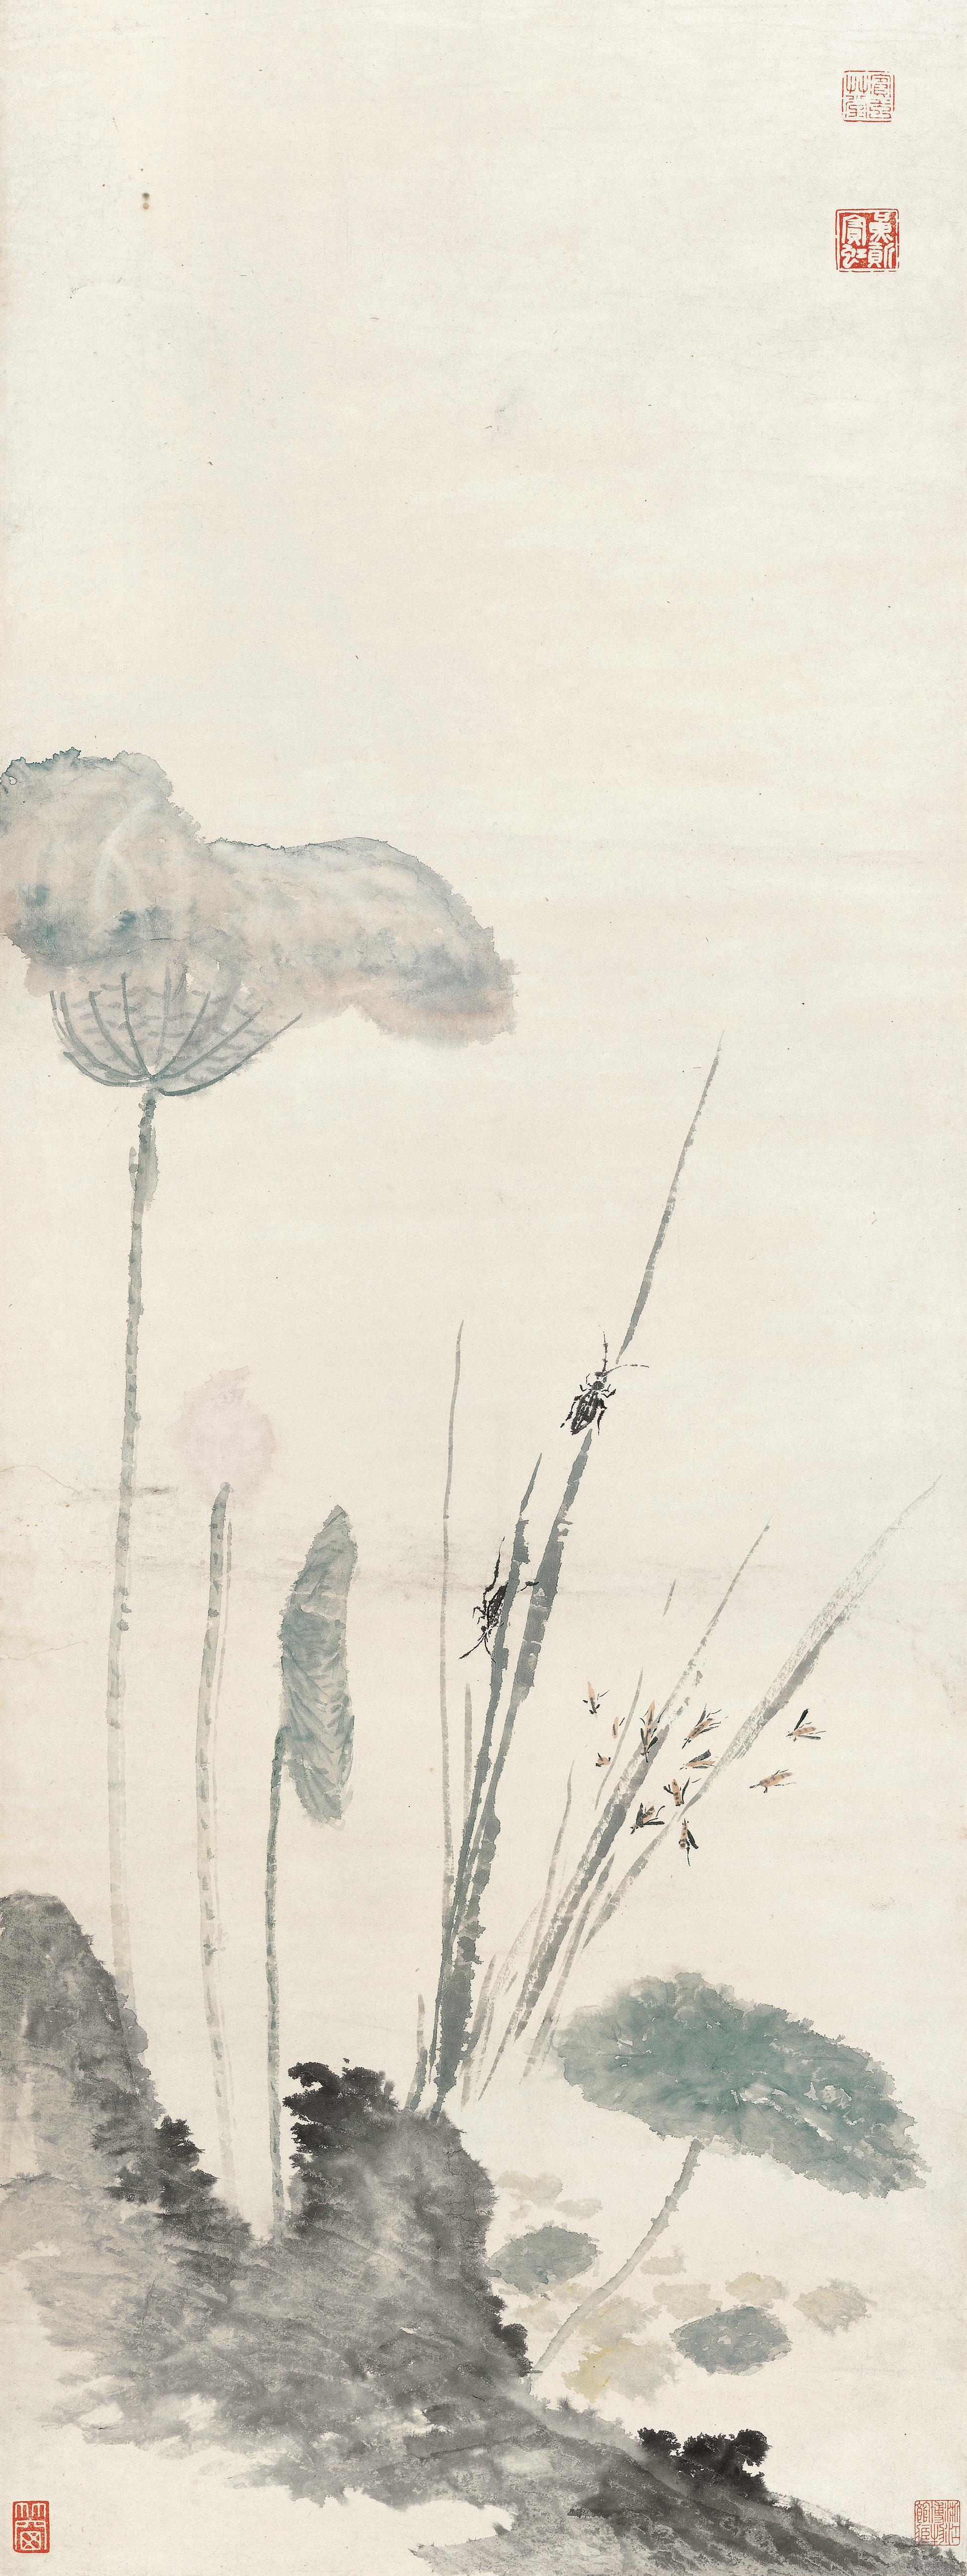 荷塘秋趣 黄宾虹 106.6cm×39.9cm 无年款 纸本设色 浙江省博物馆藏